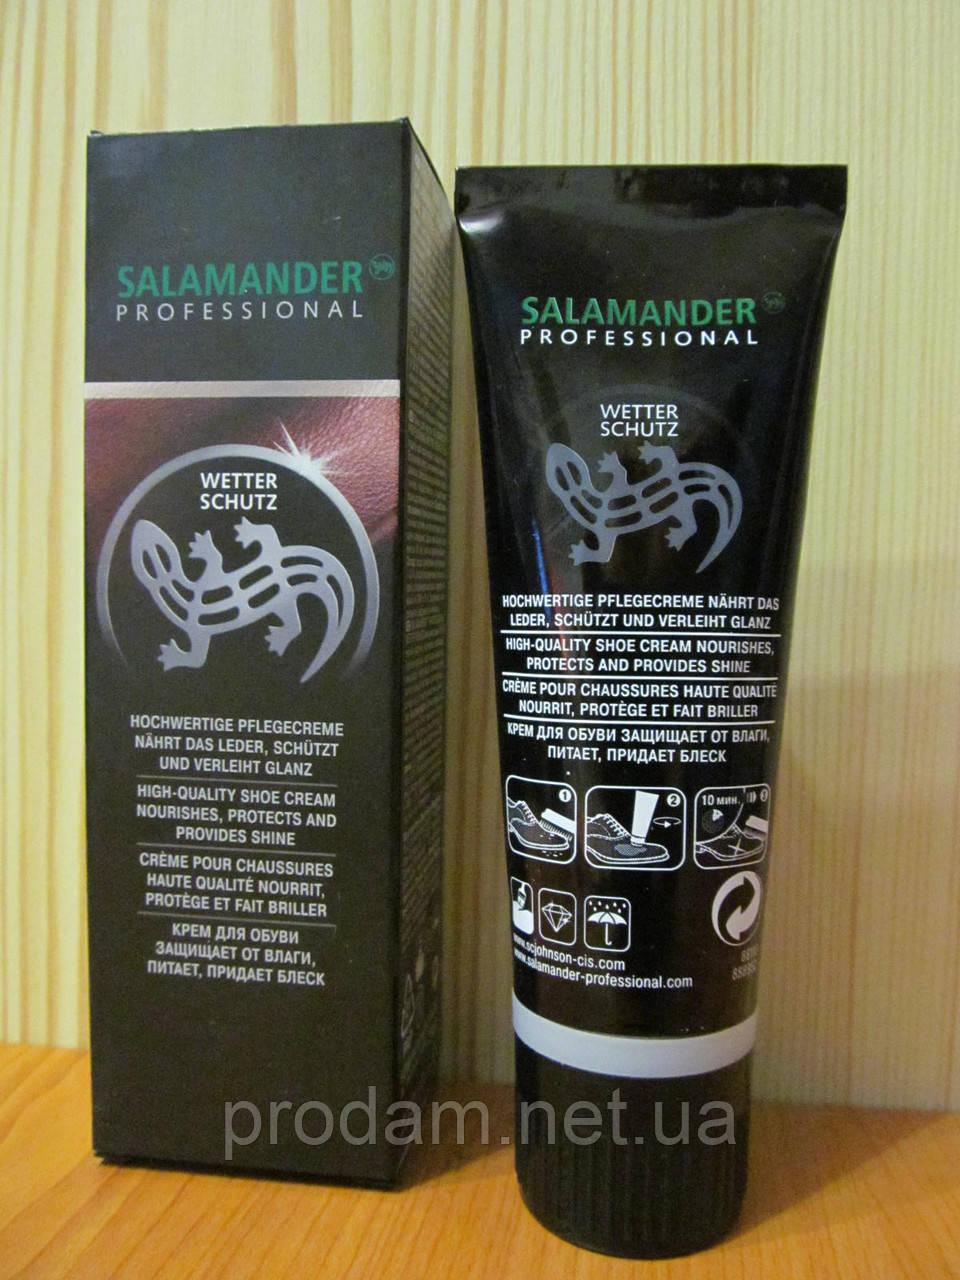 ПРОФЕСІОНАЛ  Salamander Крем 75 мл 8113-336 Бірюзовий